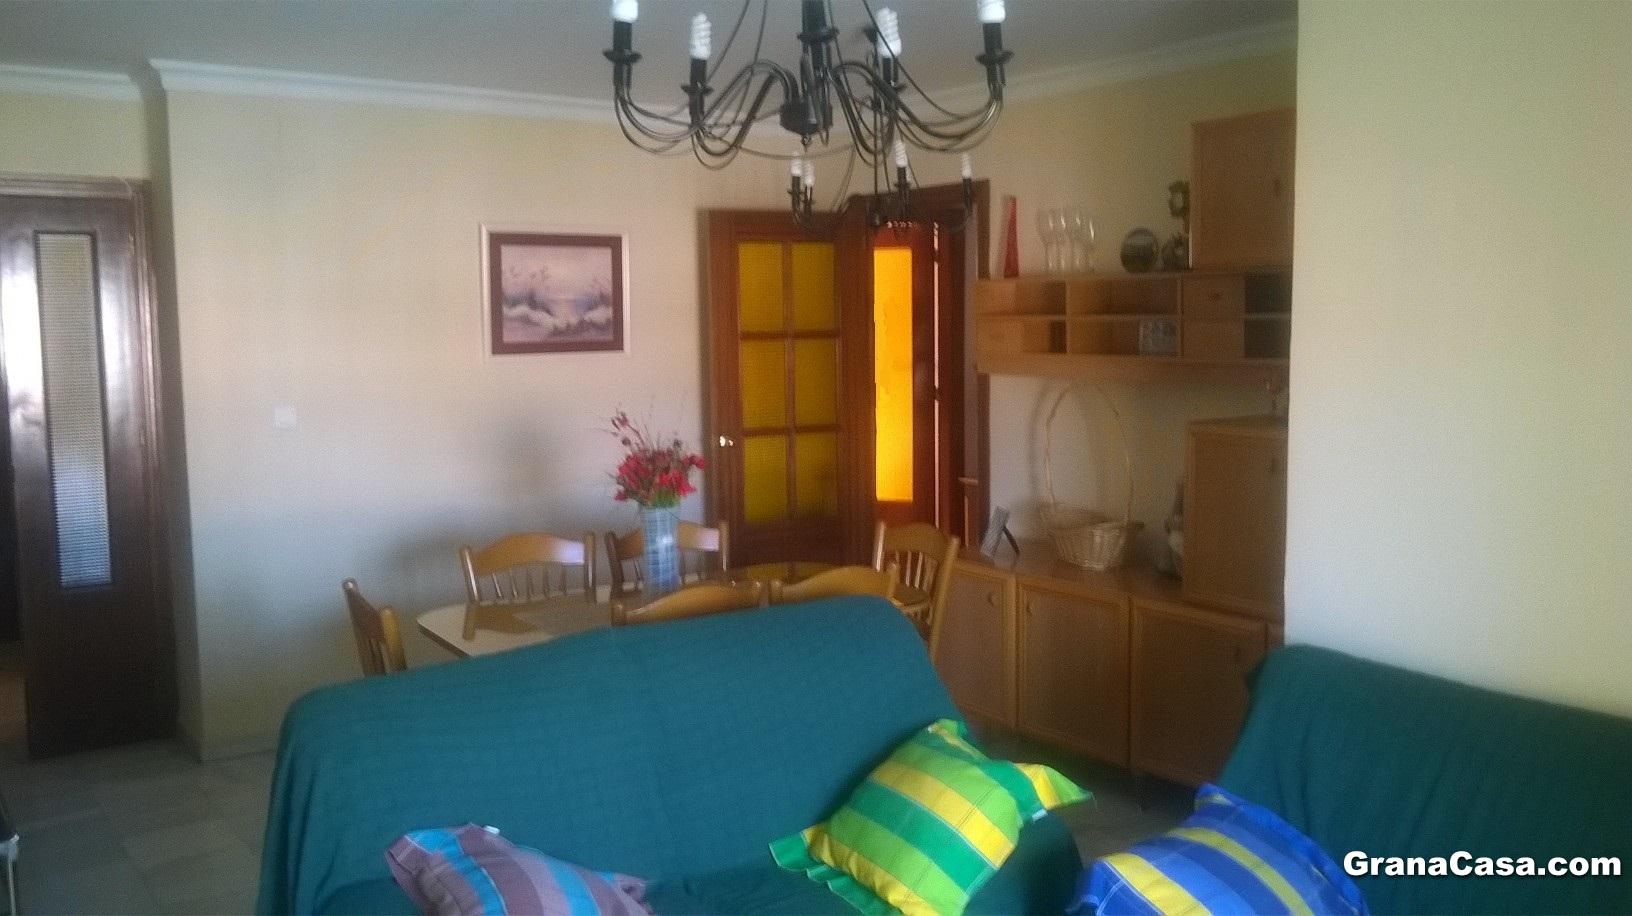 Alquiler de habitaci n en alcampo piso compartido for Alquiler de habitacion en piso compartido